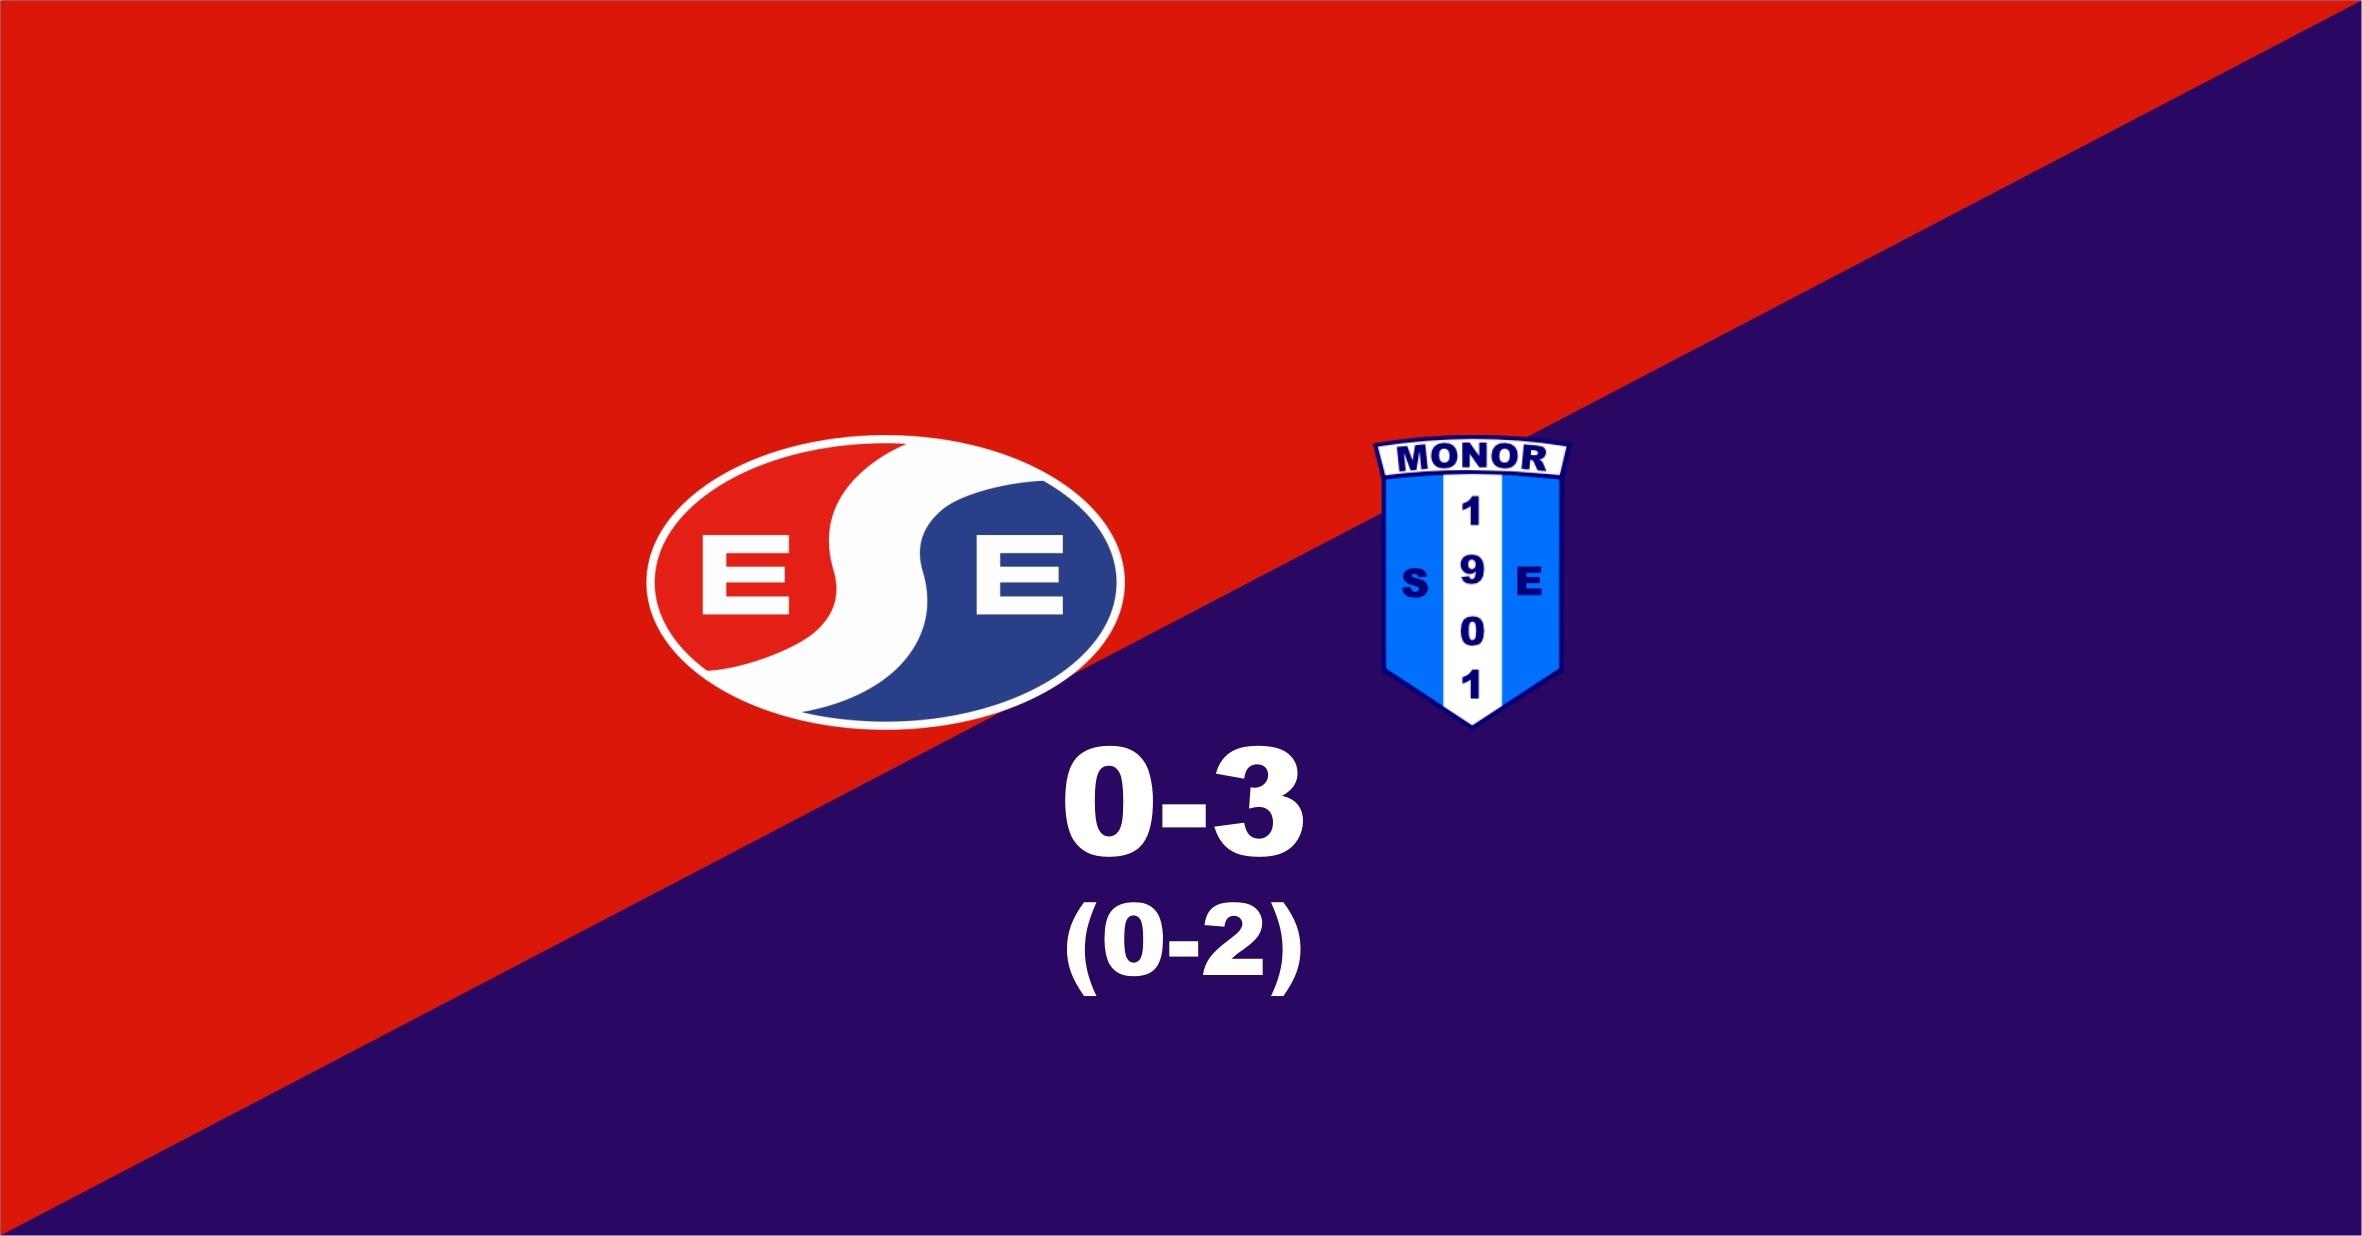 NB III. – Nem sikerült a főpróba, monori győzelem az utolsó felkészülési mérkőzésen